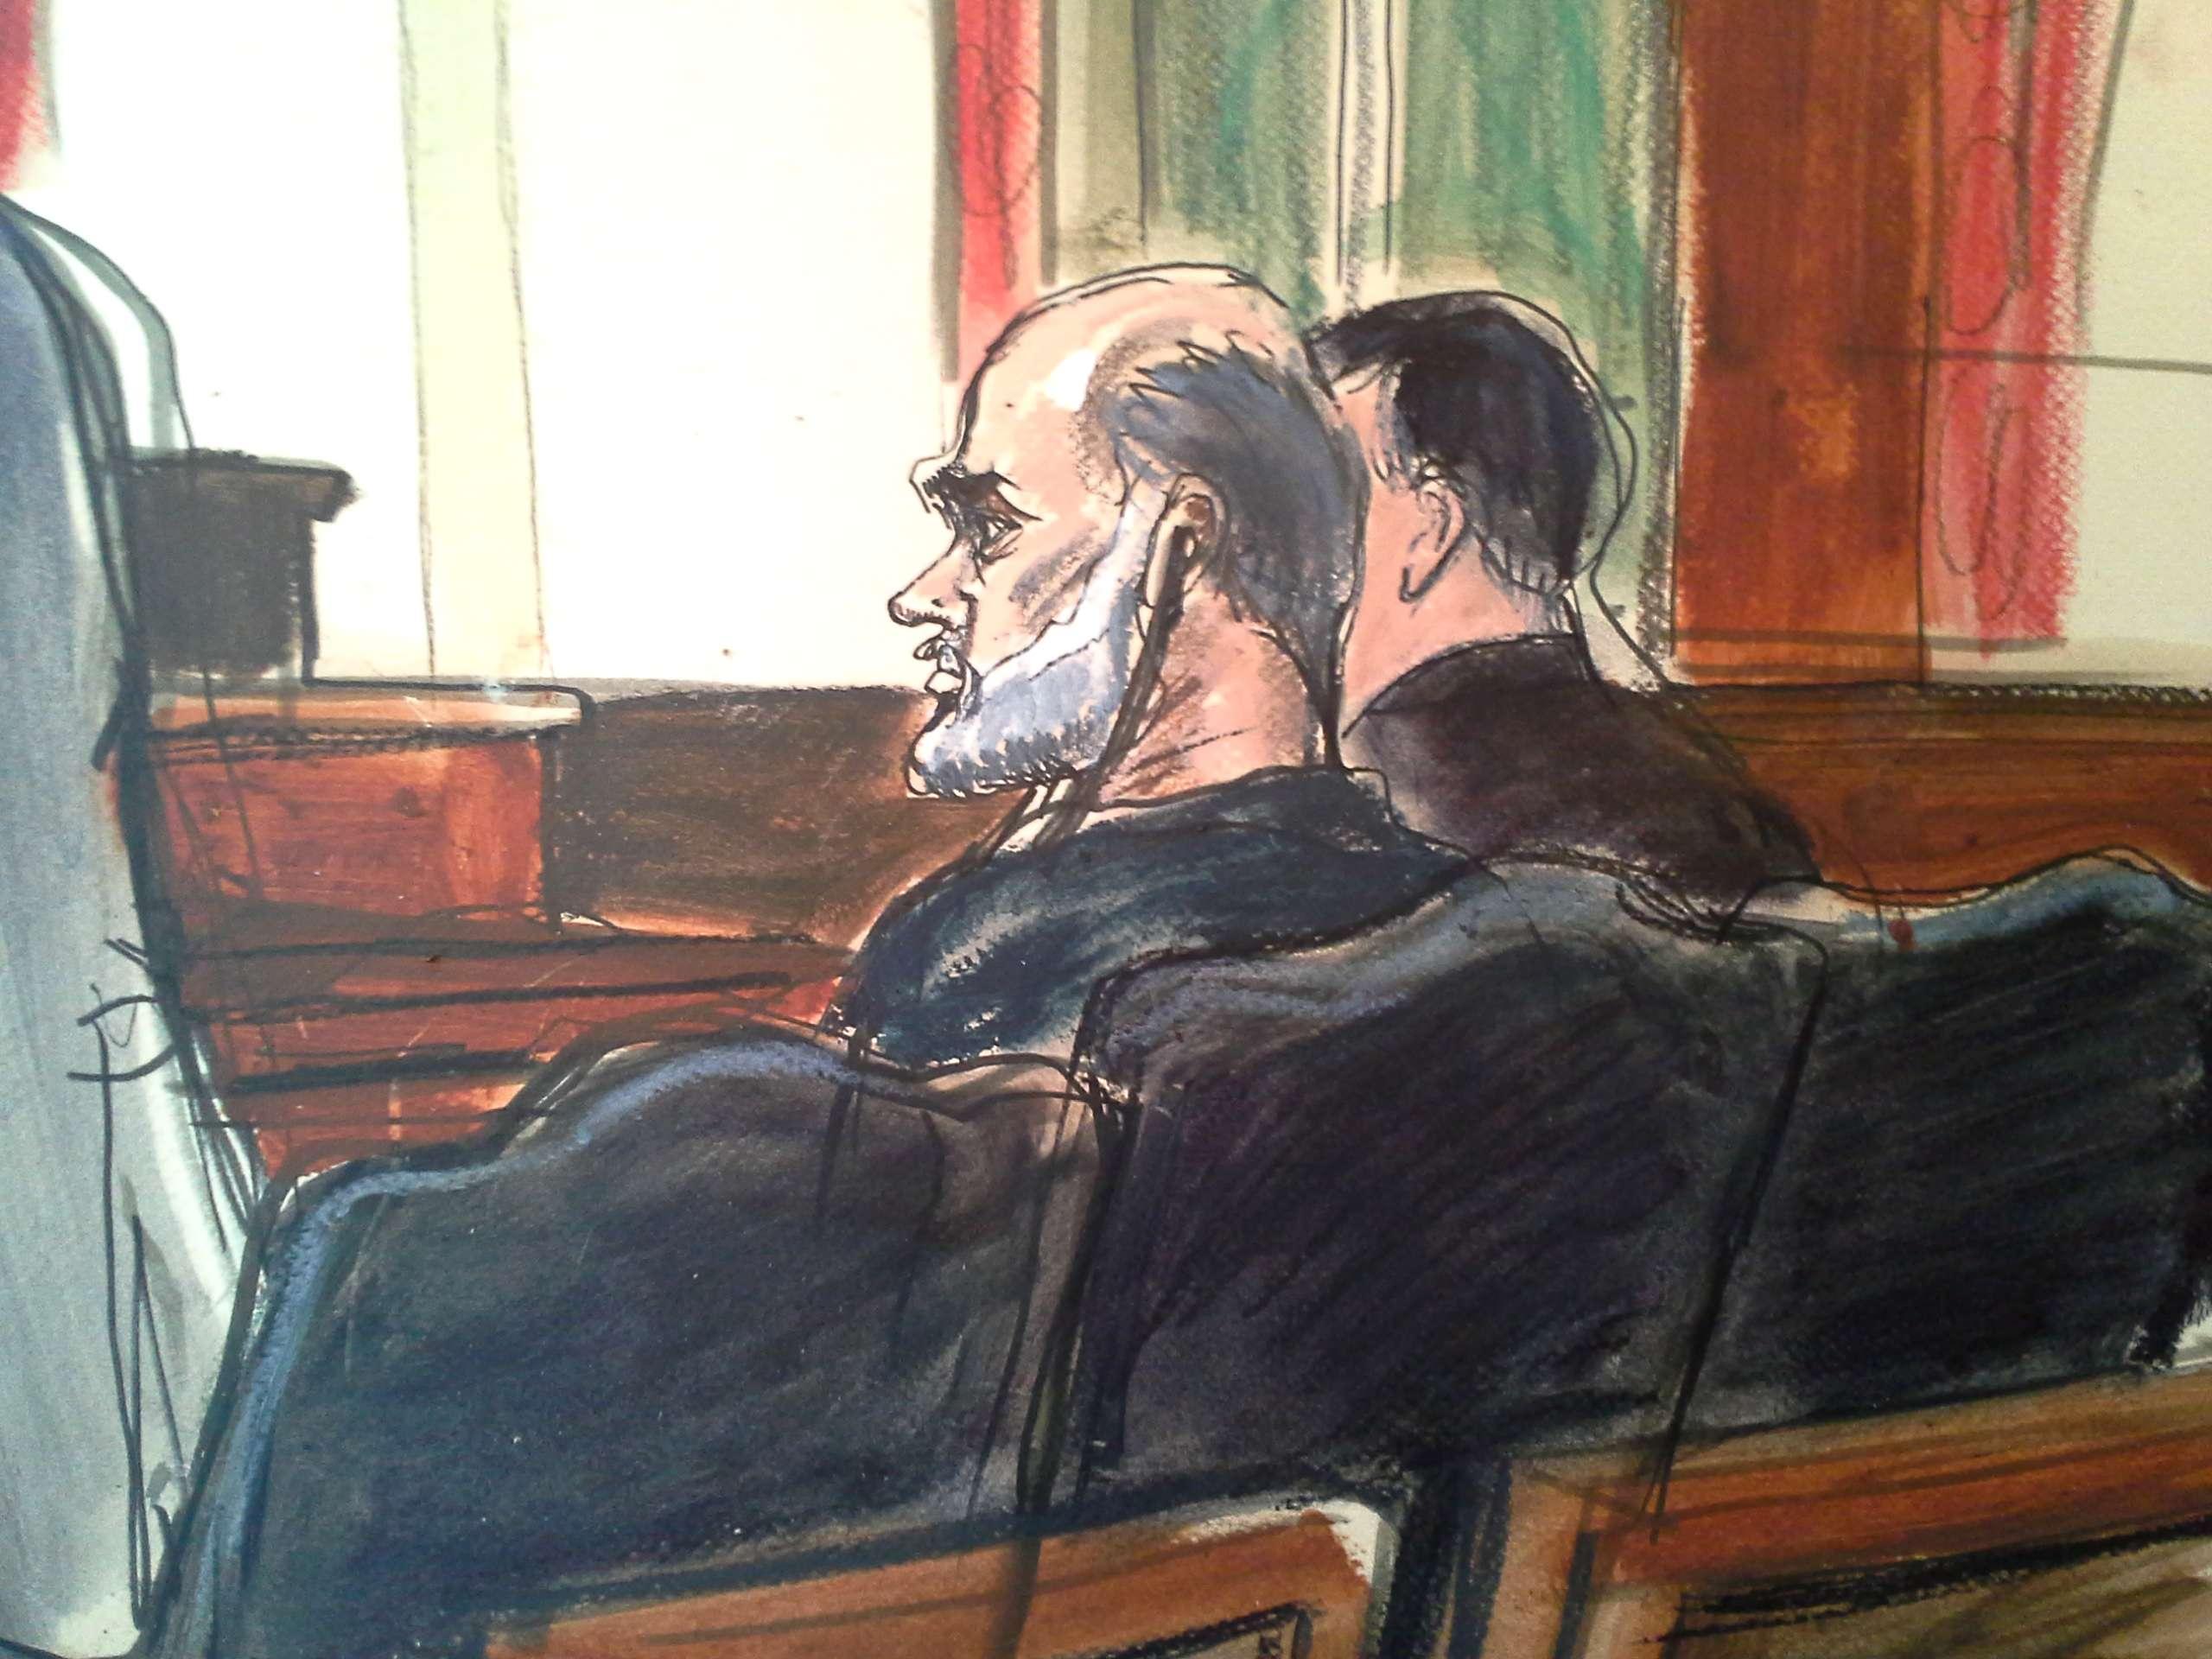 Souleymane Abou Ghaith fue condenado este martes en una corte de Nueva York. Foto: AP en español